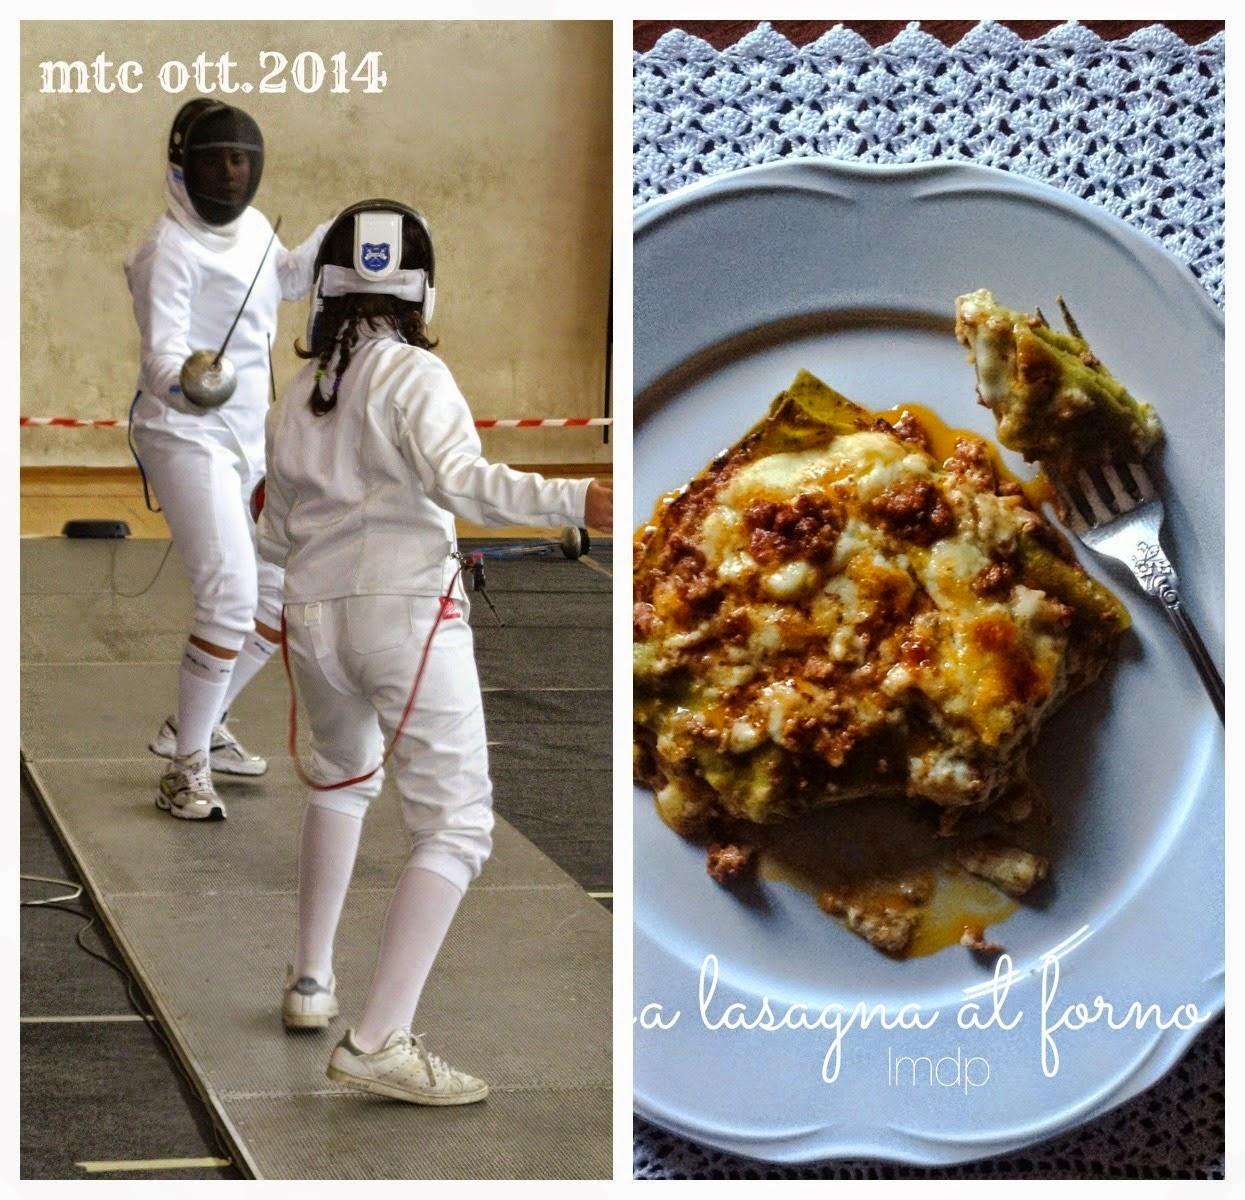 http://www.mtchallenge.it/2014/10/mtc-n-42-la-ricetta-dellla-sfida-di.html